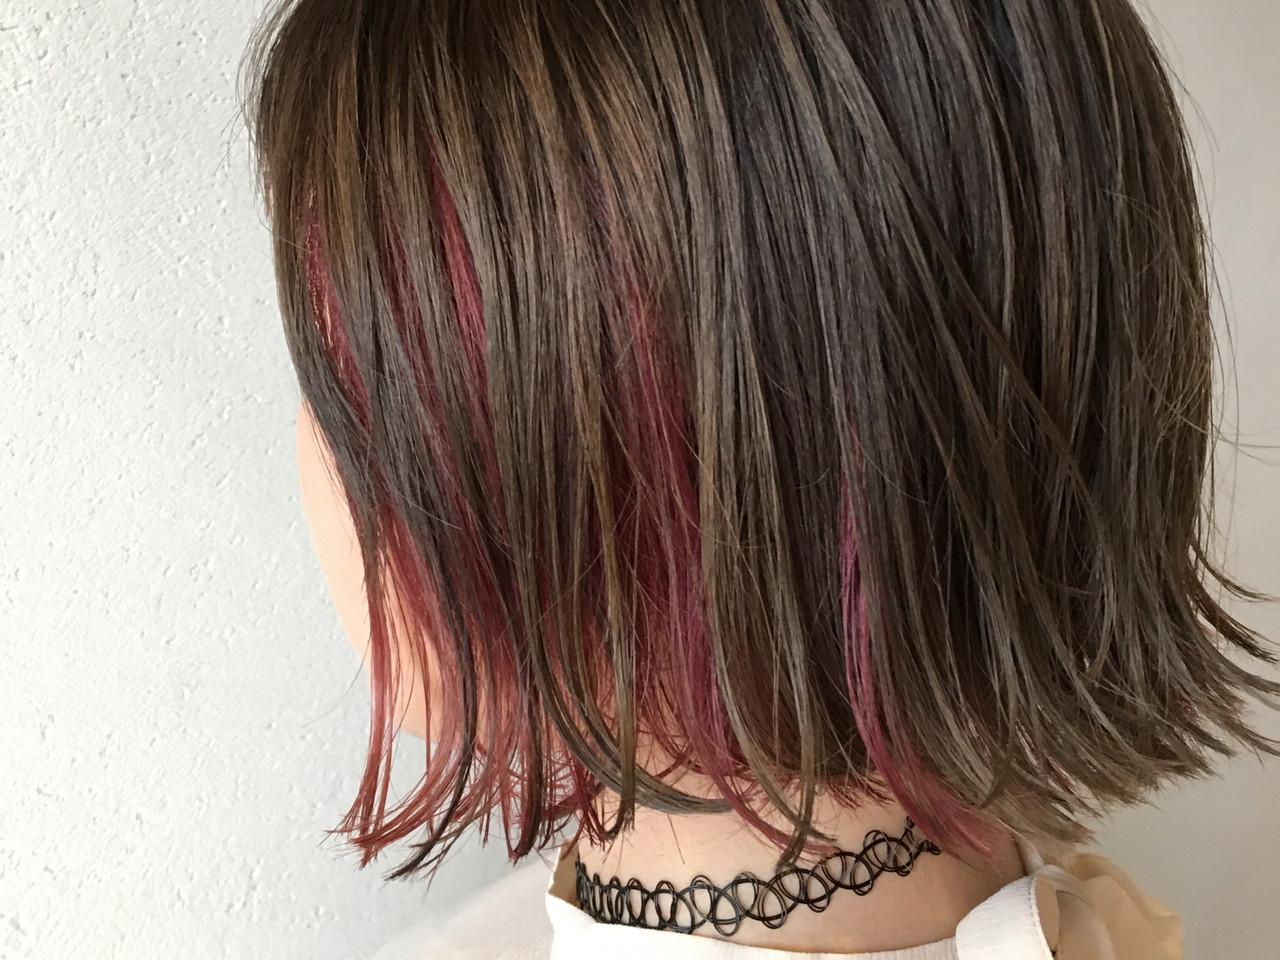 ピンクバイオレット ラベンダーピンク エレガント ピンクアッシュ ヘアスタイルや髪型の写真・画像